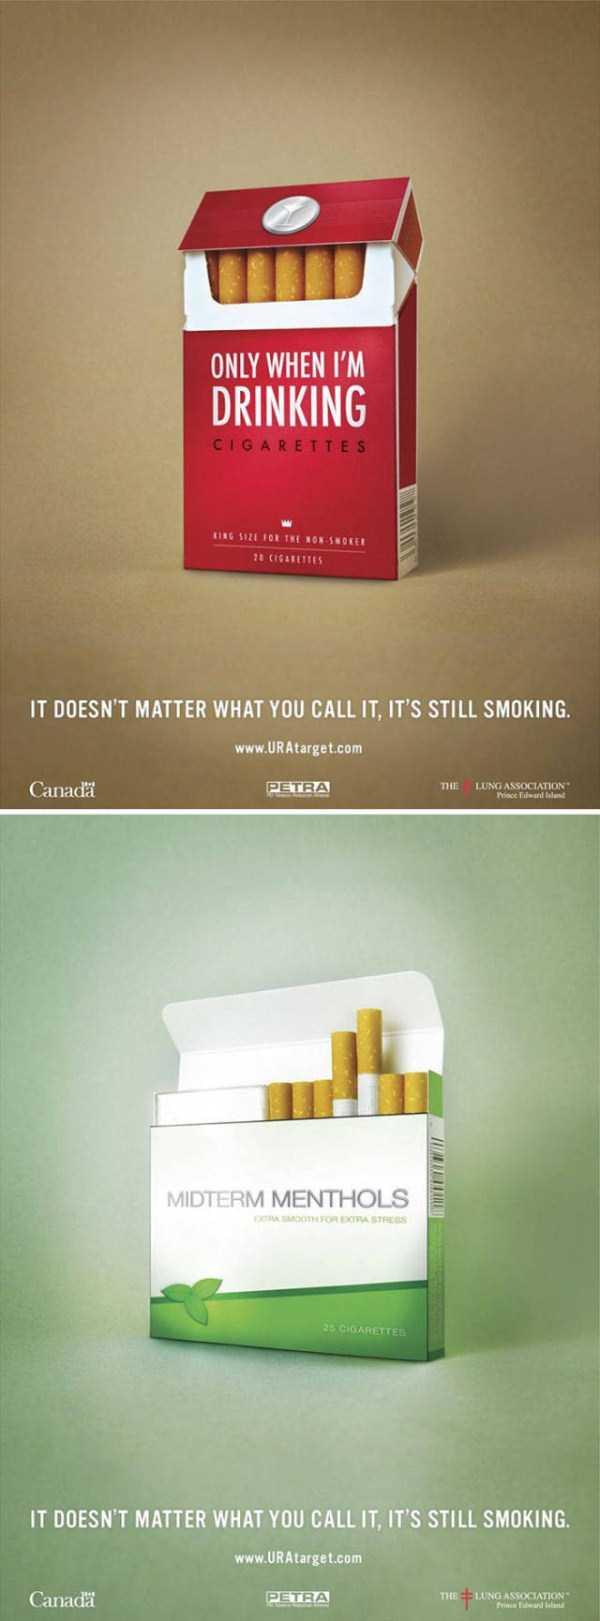 anti-smoking-ads-21